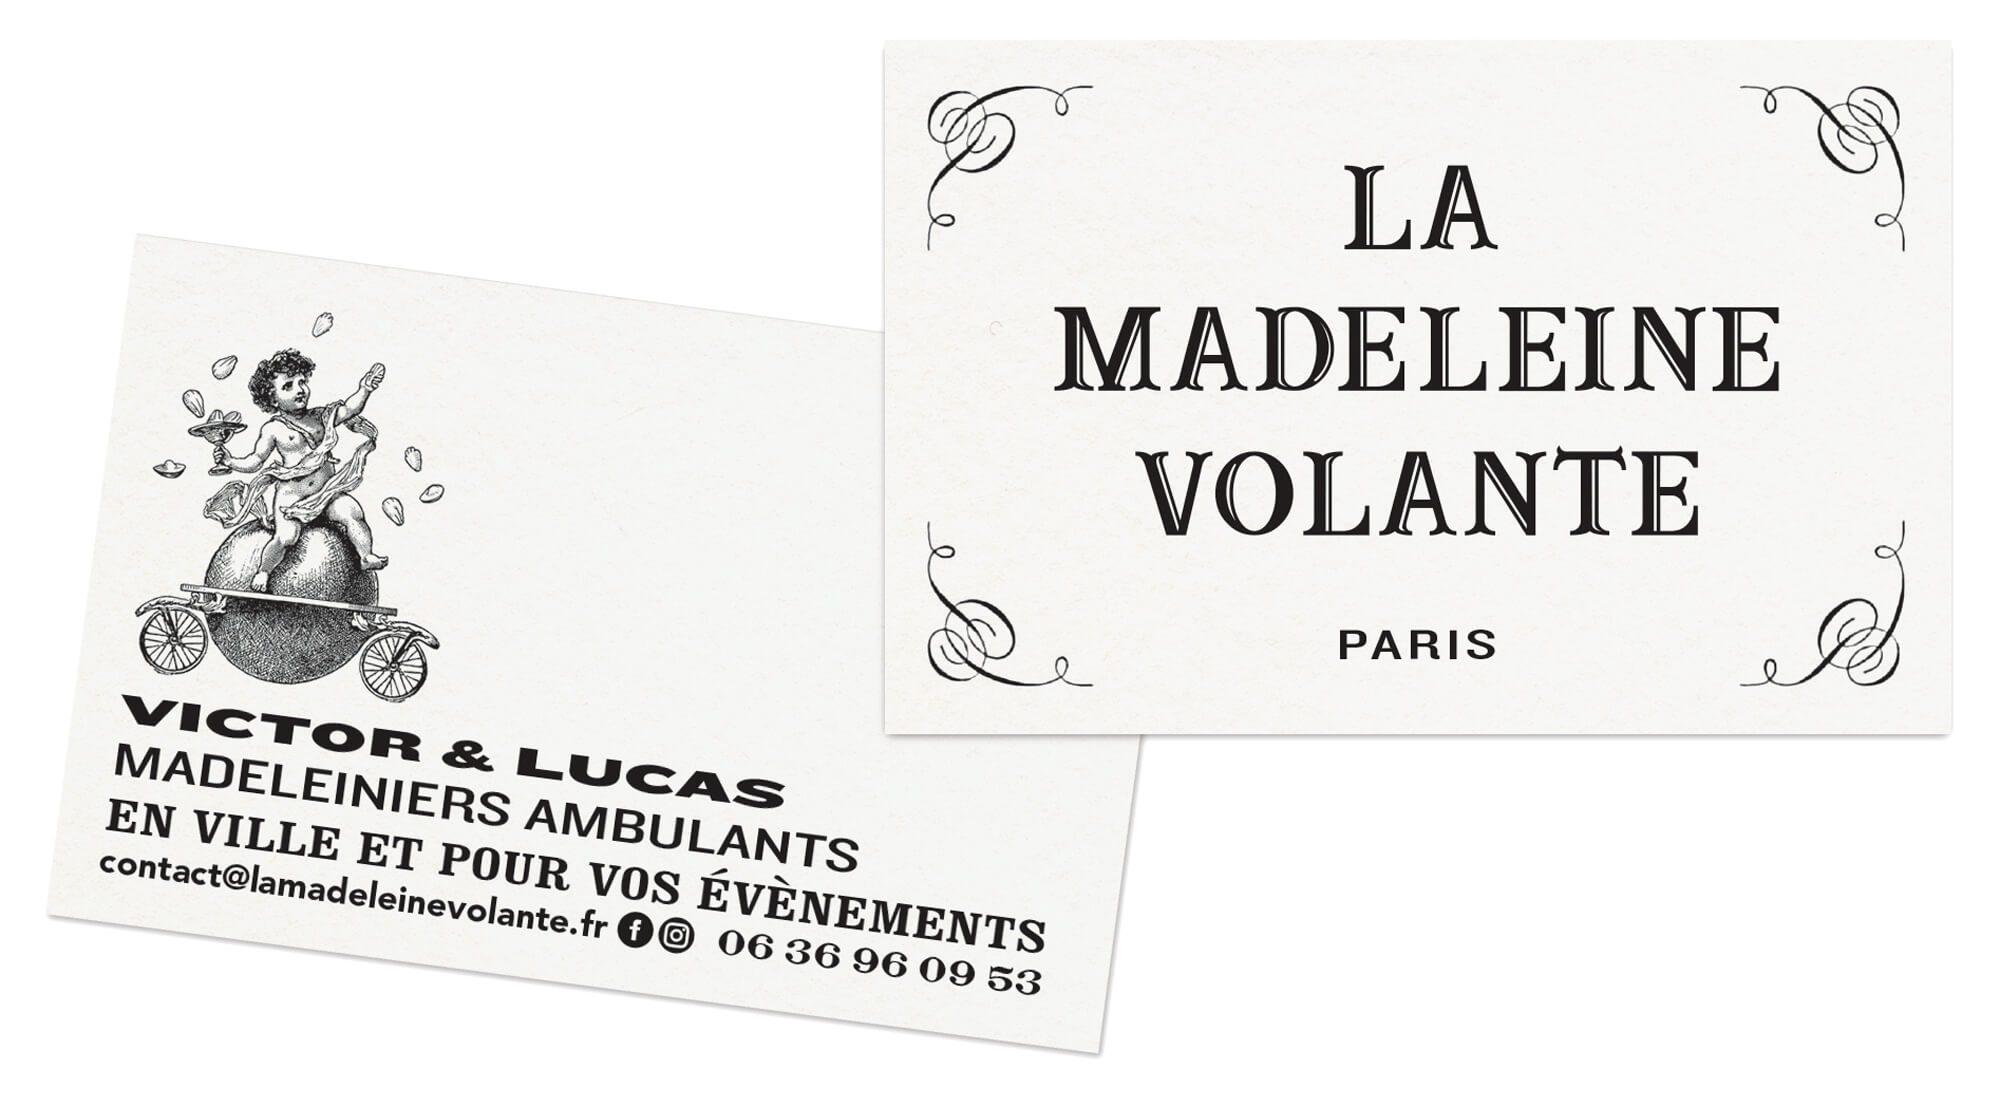 cartes de visites de la madeleine volante, typographie vintage et gravure pour la start up parisienne